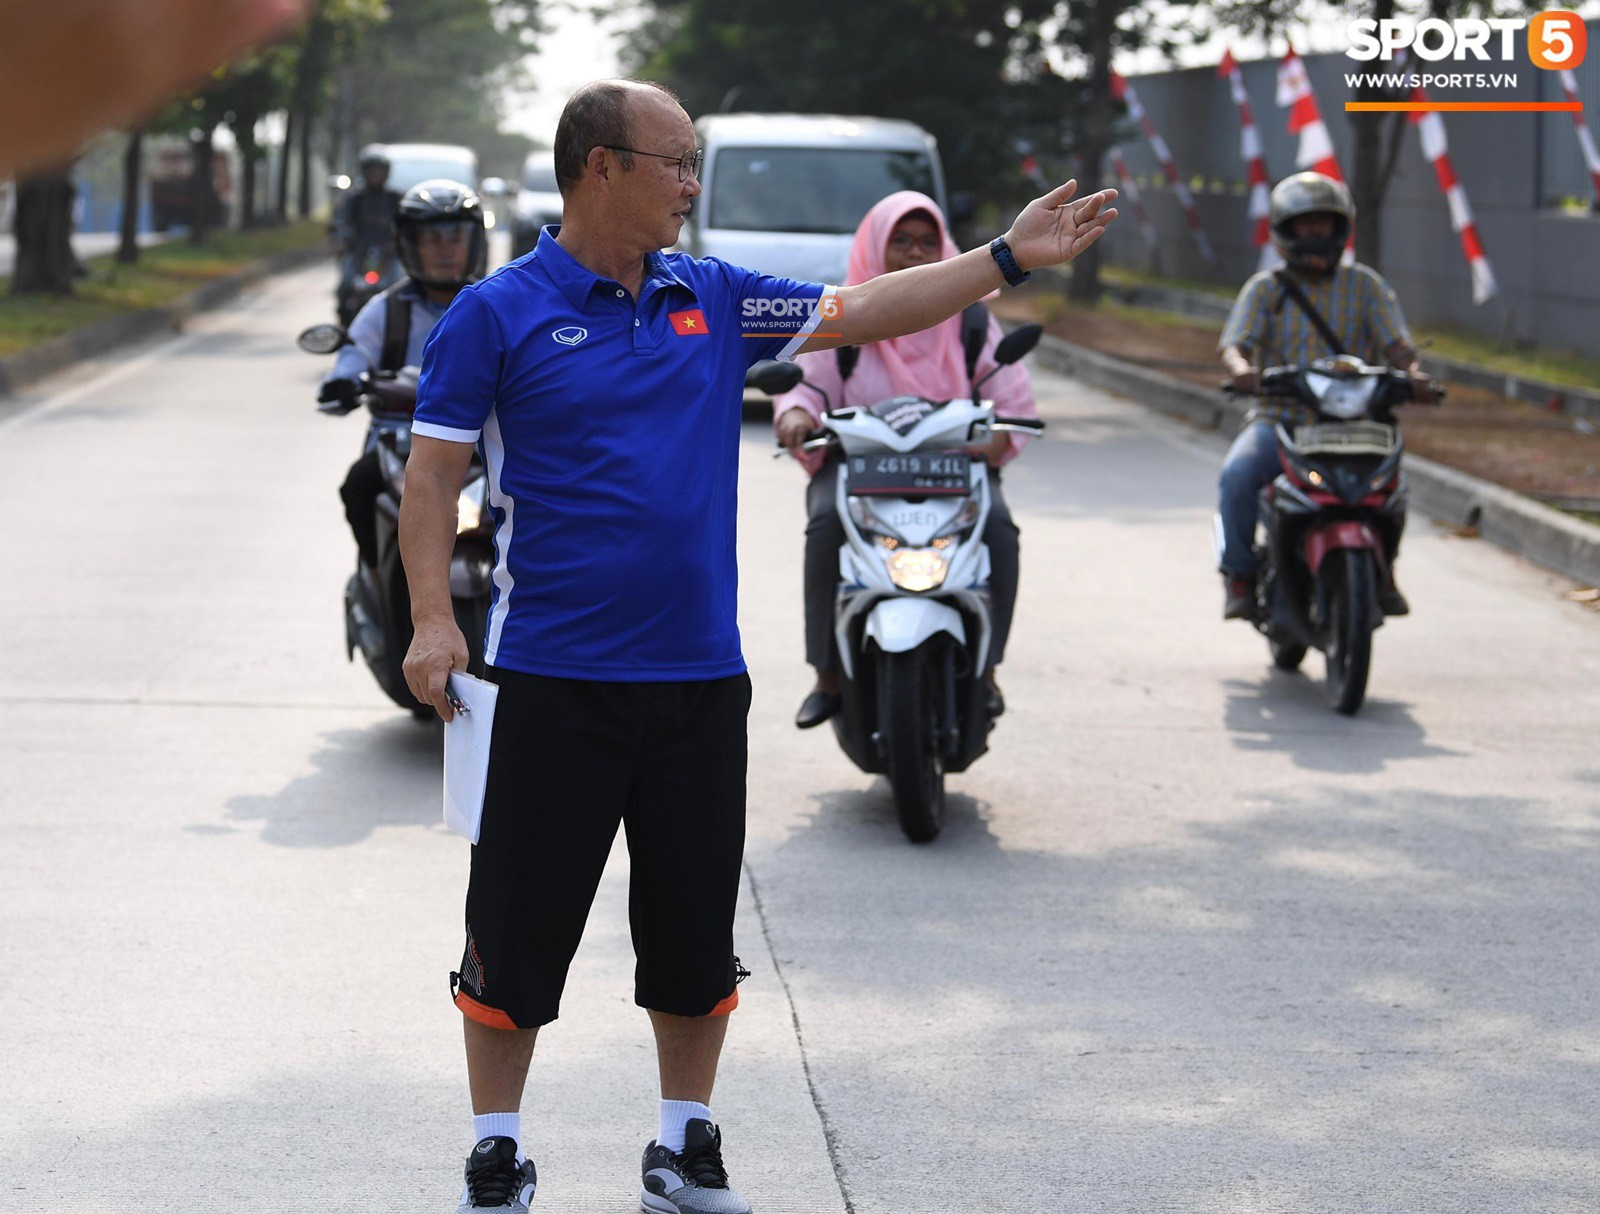 HLV Park Hang Seo cẩn thận cùng ban huấn luyện ngăn xe cho học trò băng qua đường tập luyện - Ảnh 4.